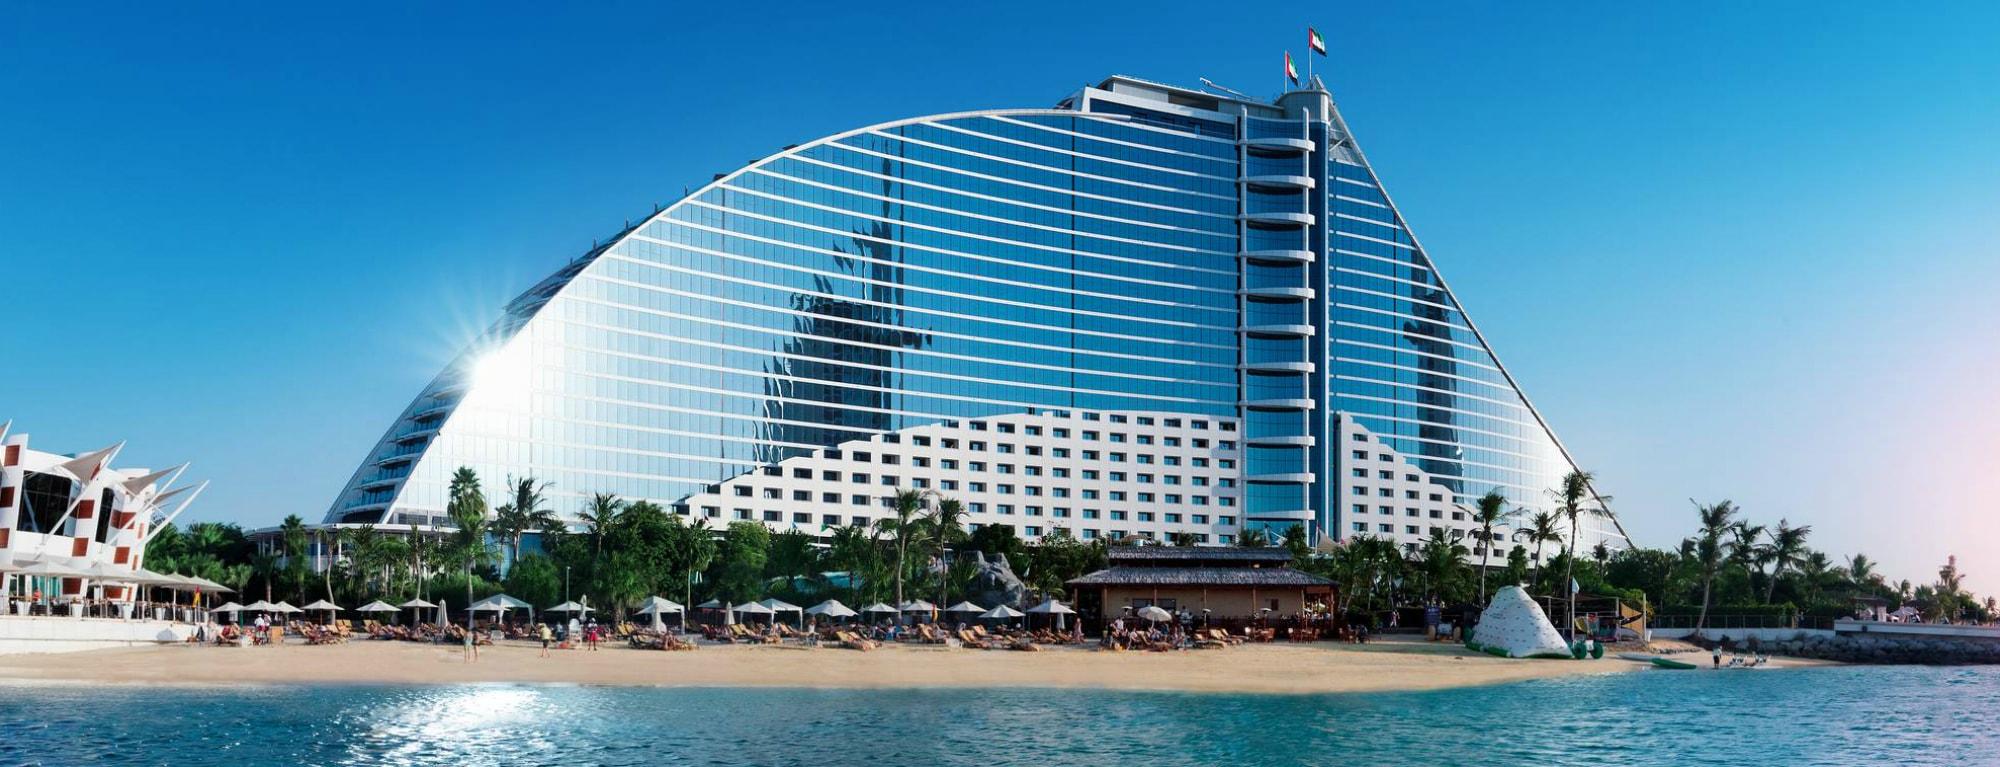 flirting games at the beach hotel dubai online: